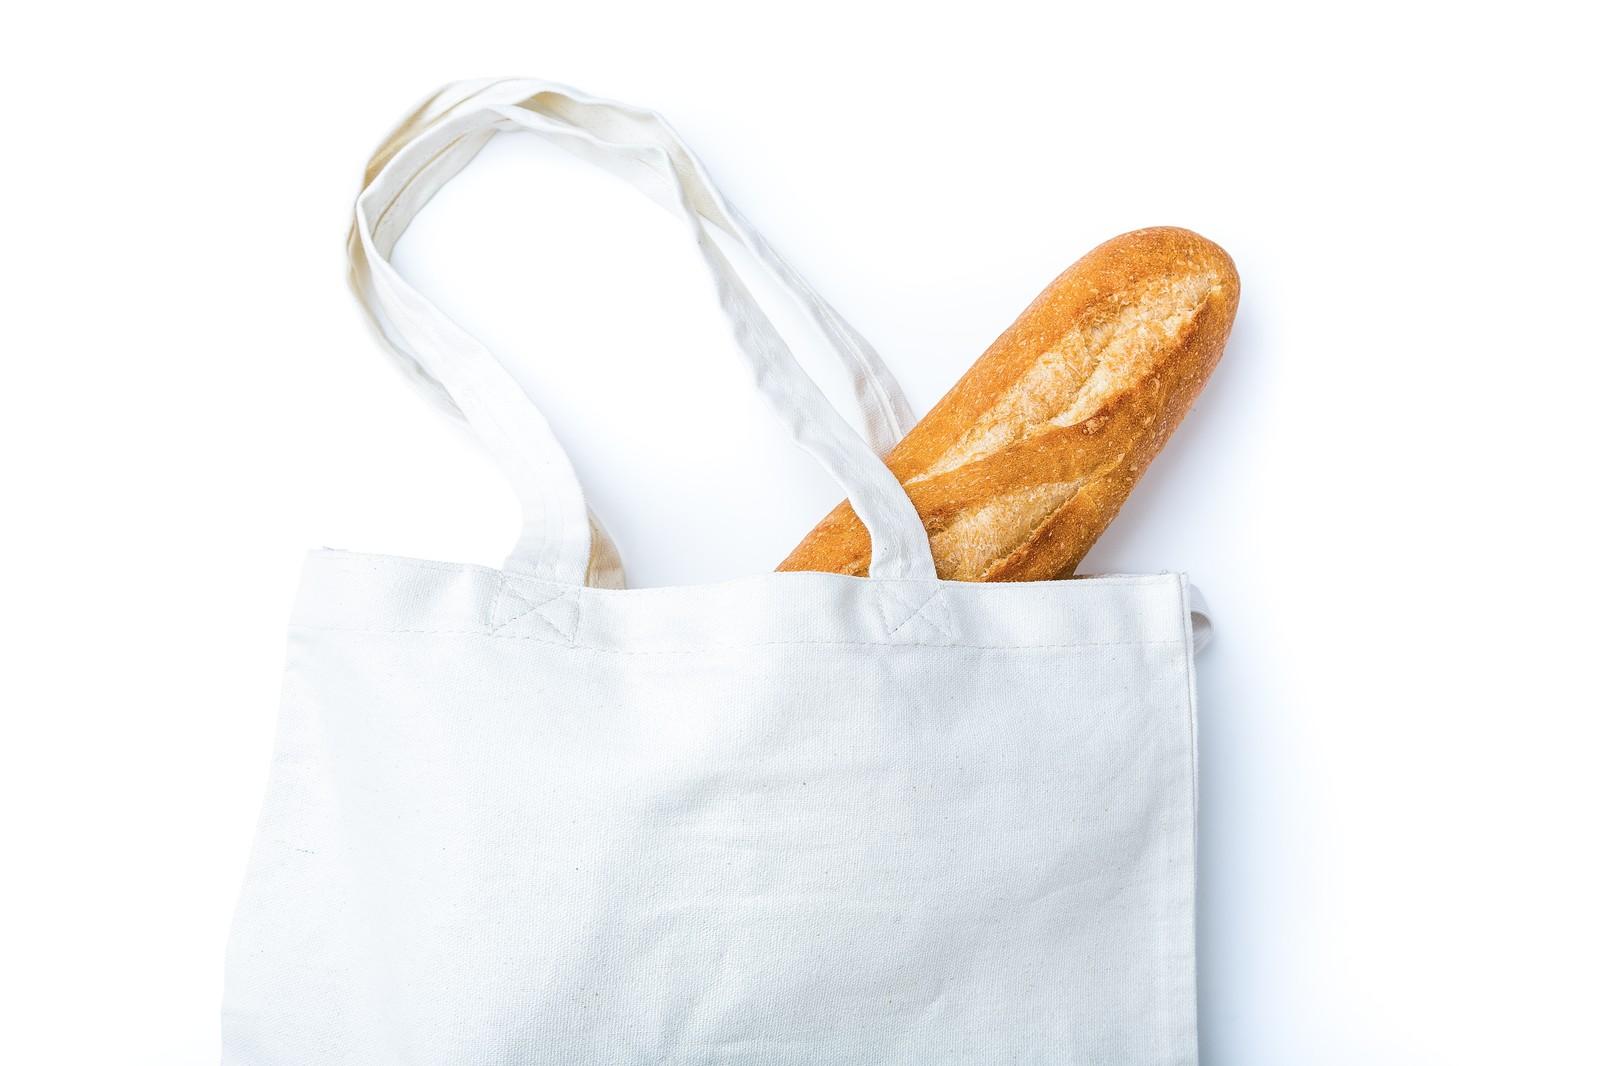 フランス式あいさつビズ・食事編〜フランス・イギリス旅行記2